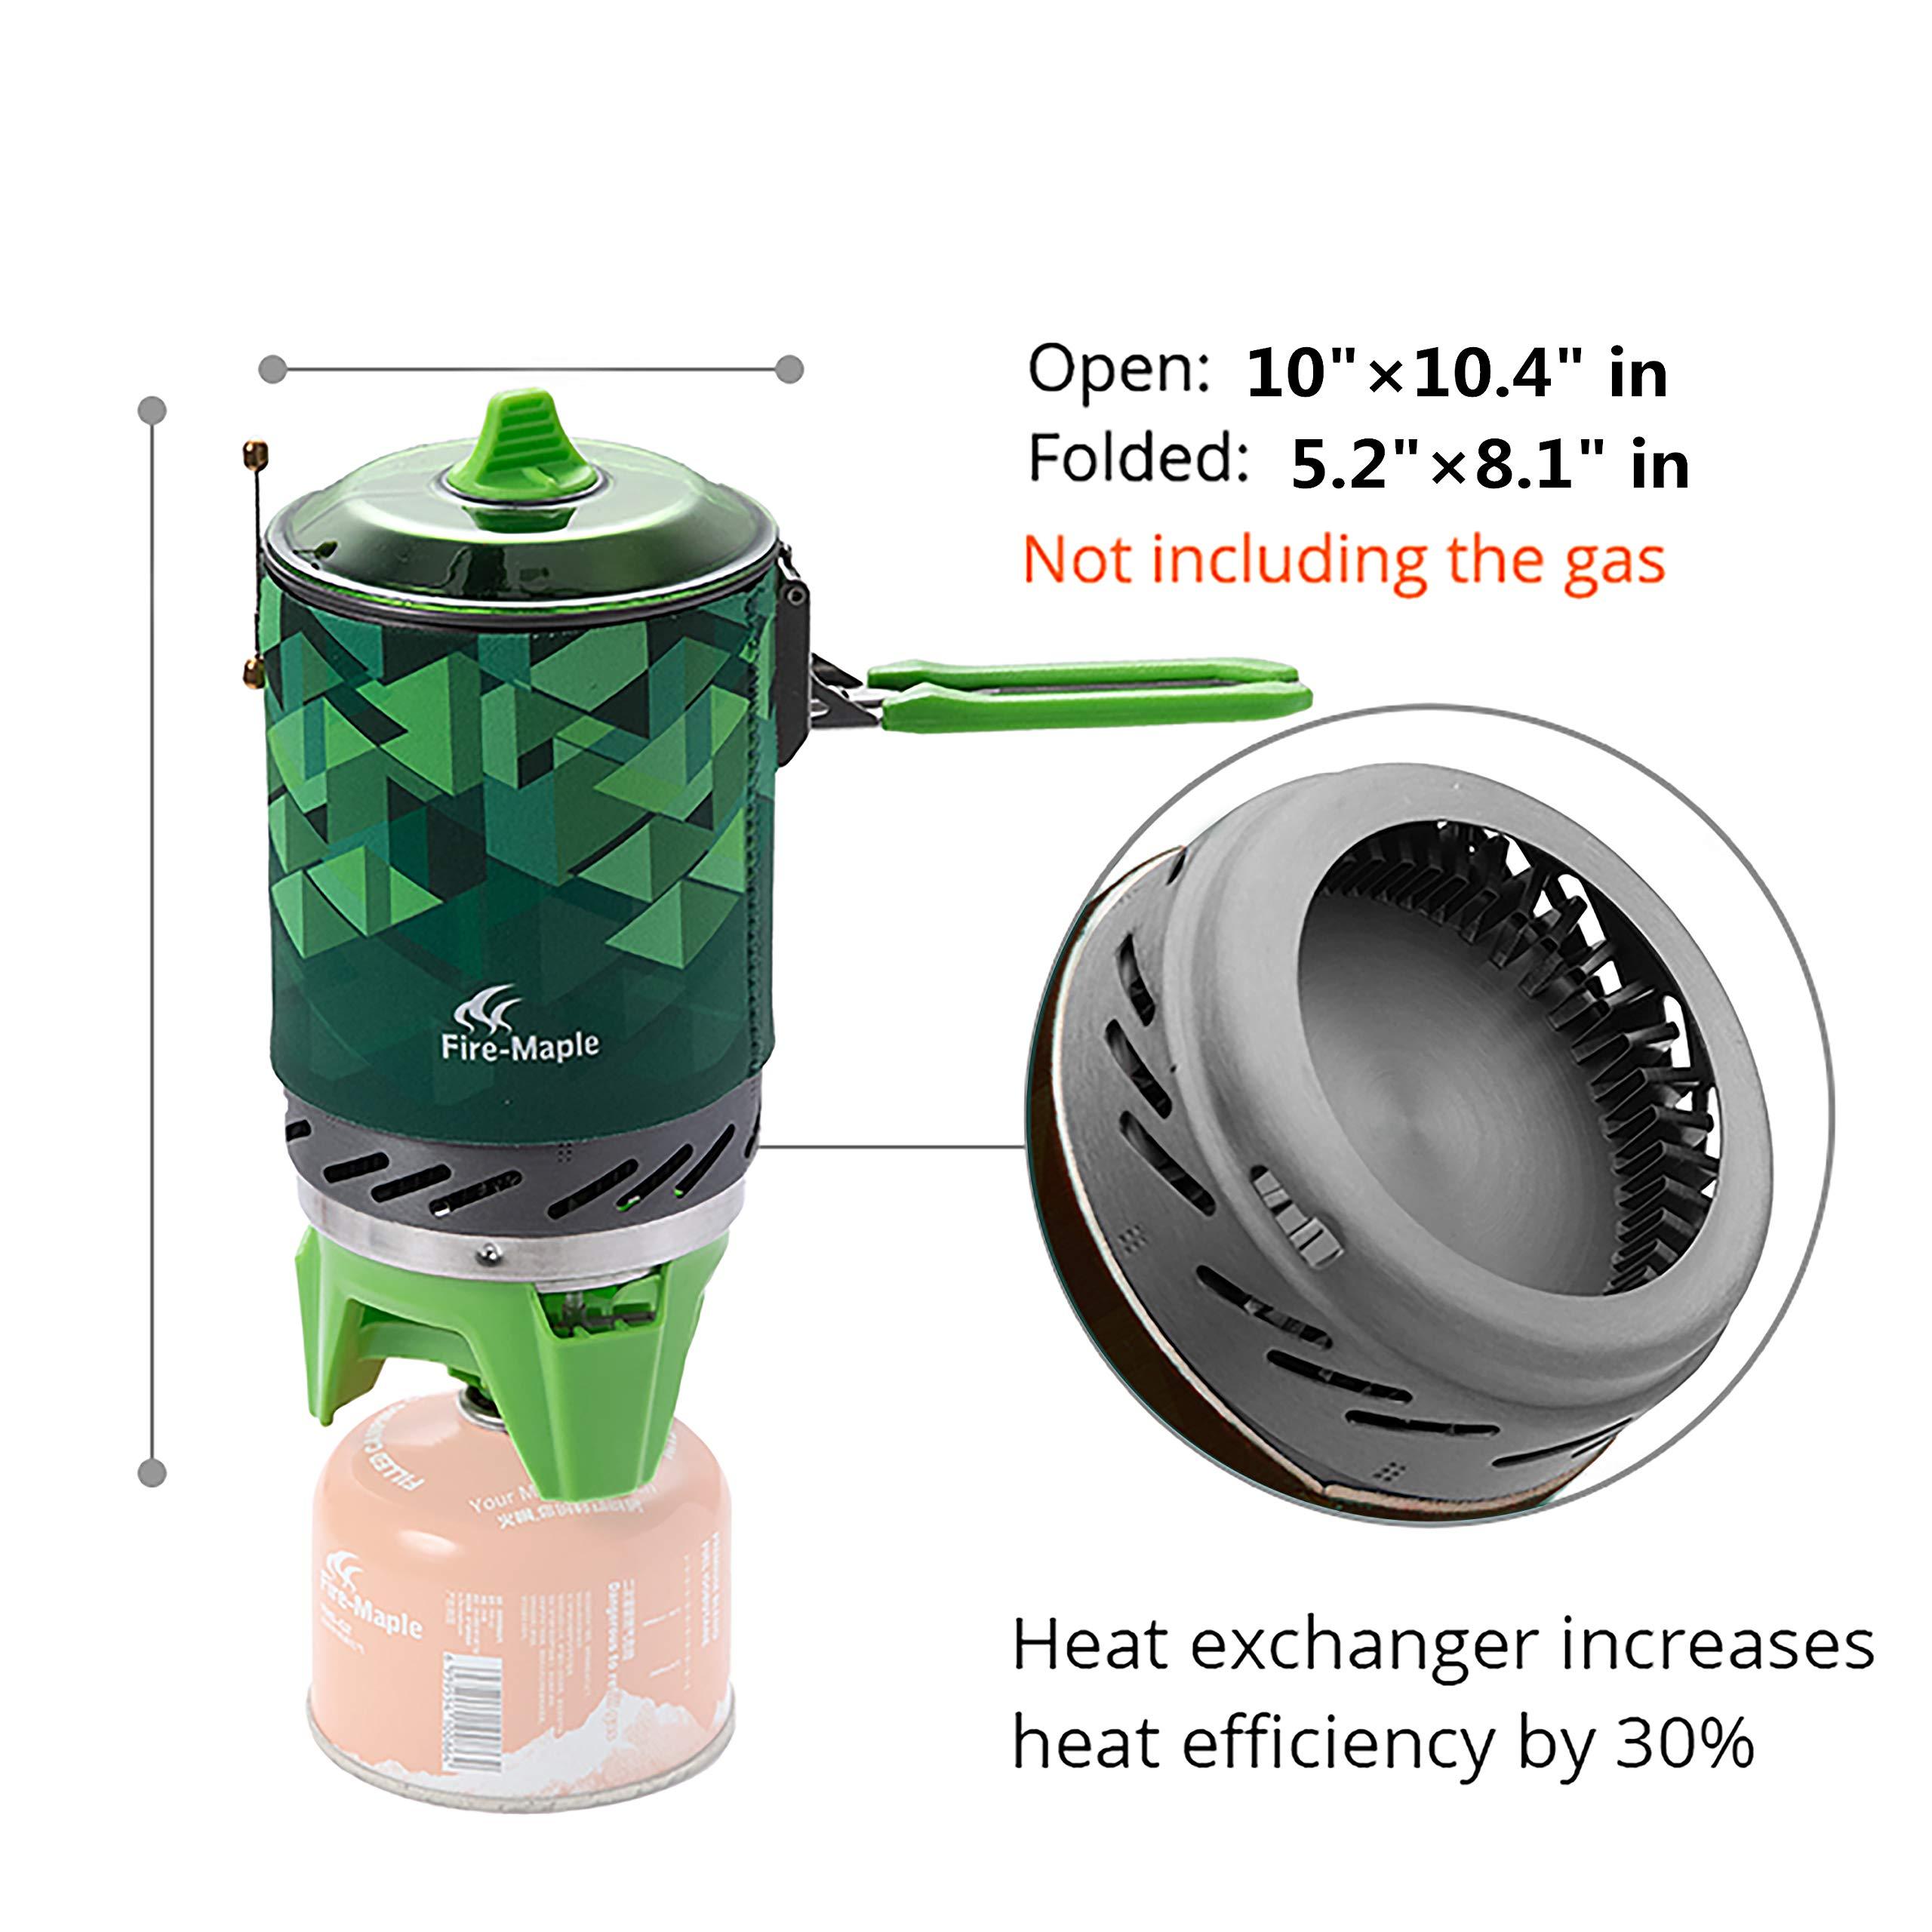 600 Gramos Fire-Maple 2019 Star FMS-X2 1L 2200w hornillos port/átiles Ultraligera compacta Resistente al Viento con Soporte y Soporte para Encendido piezoel/éctrico Pot